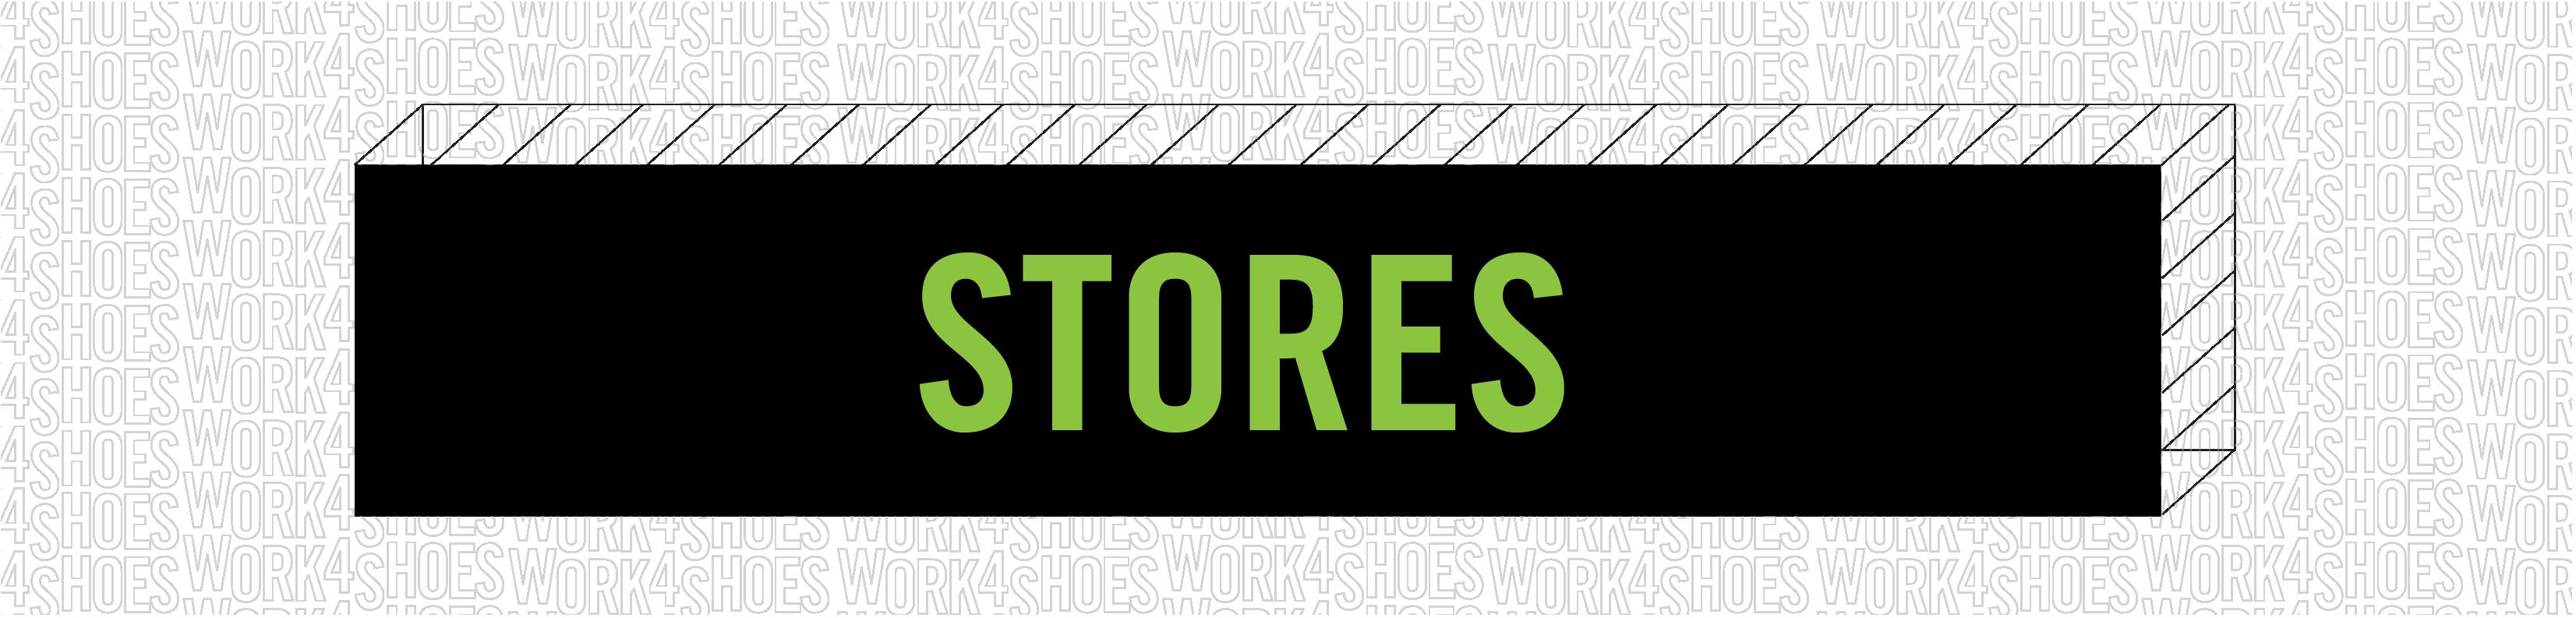 Journeys Store Careers